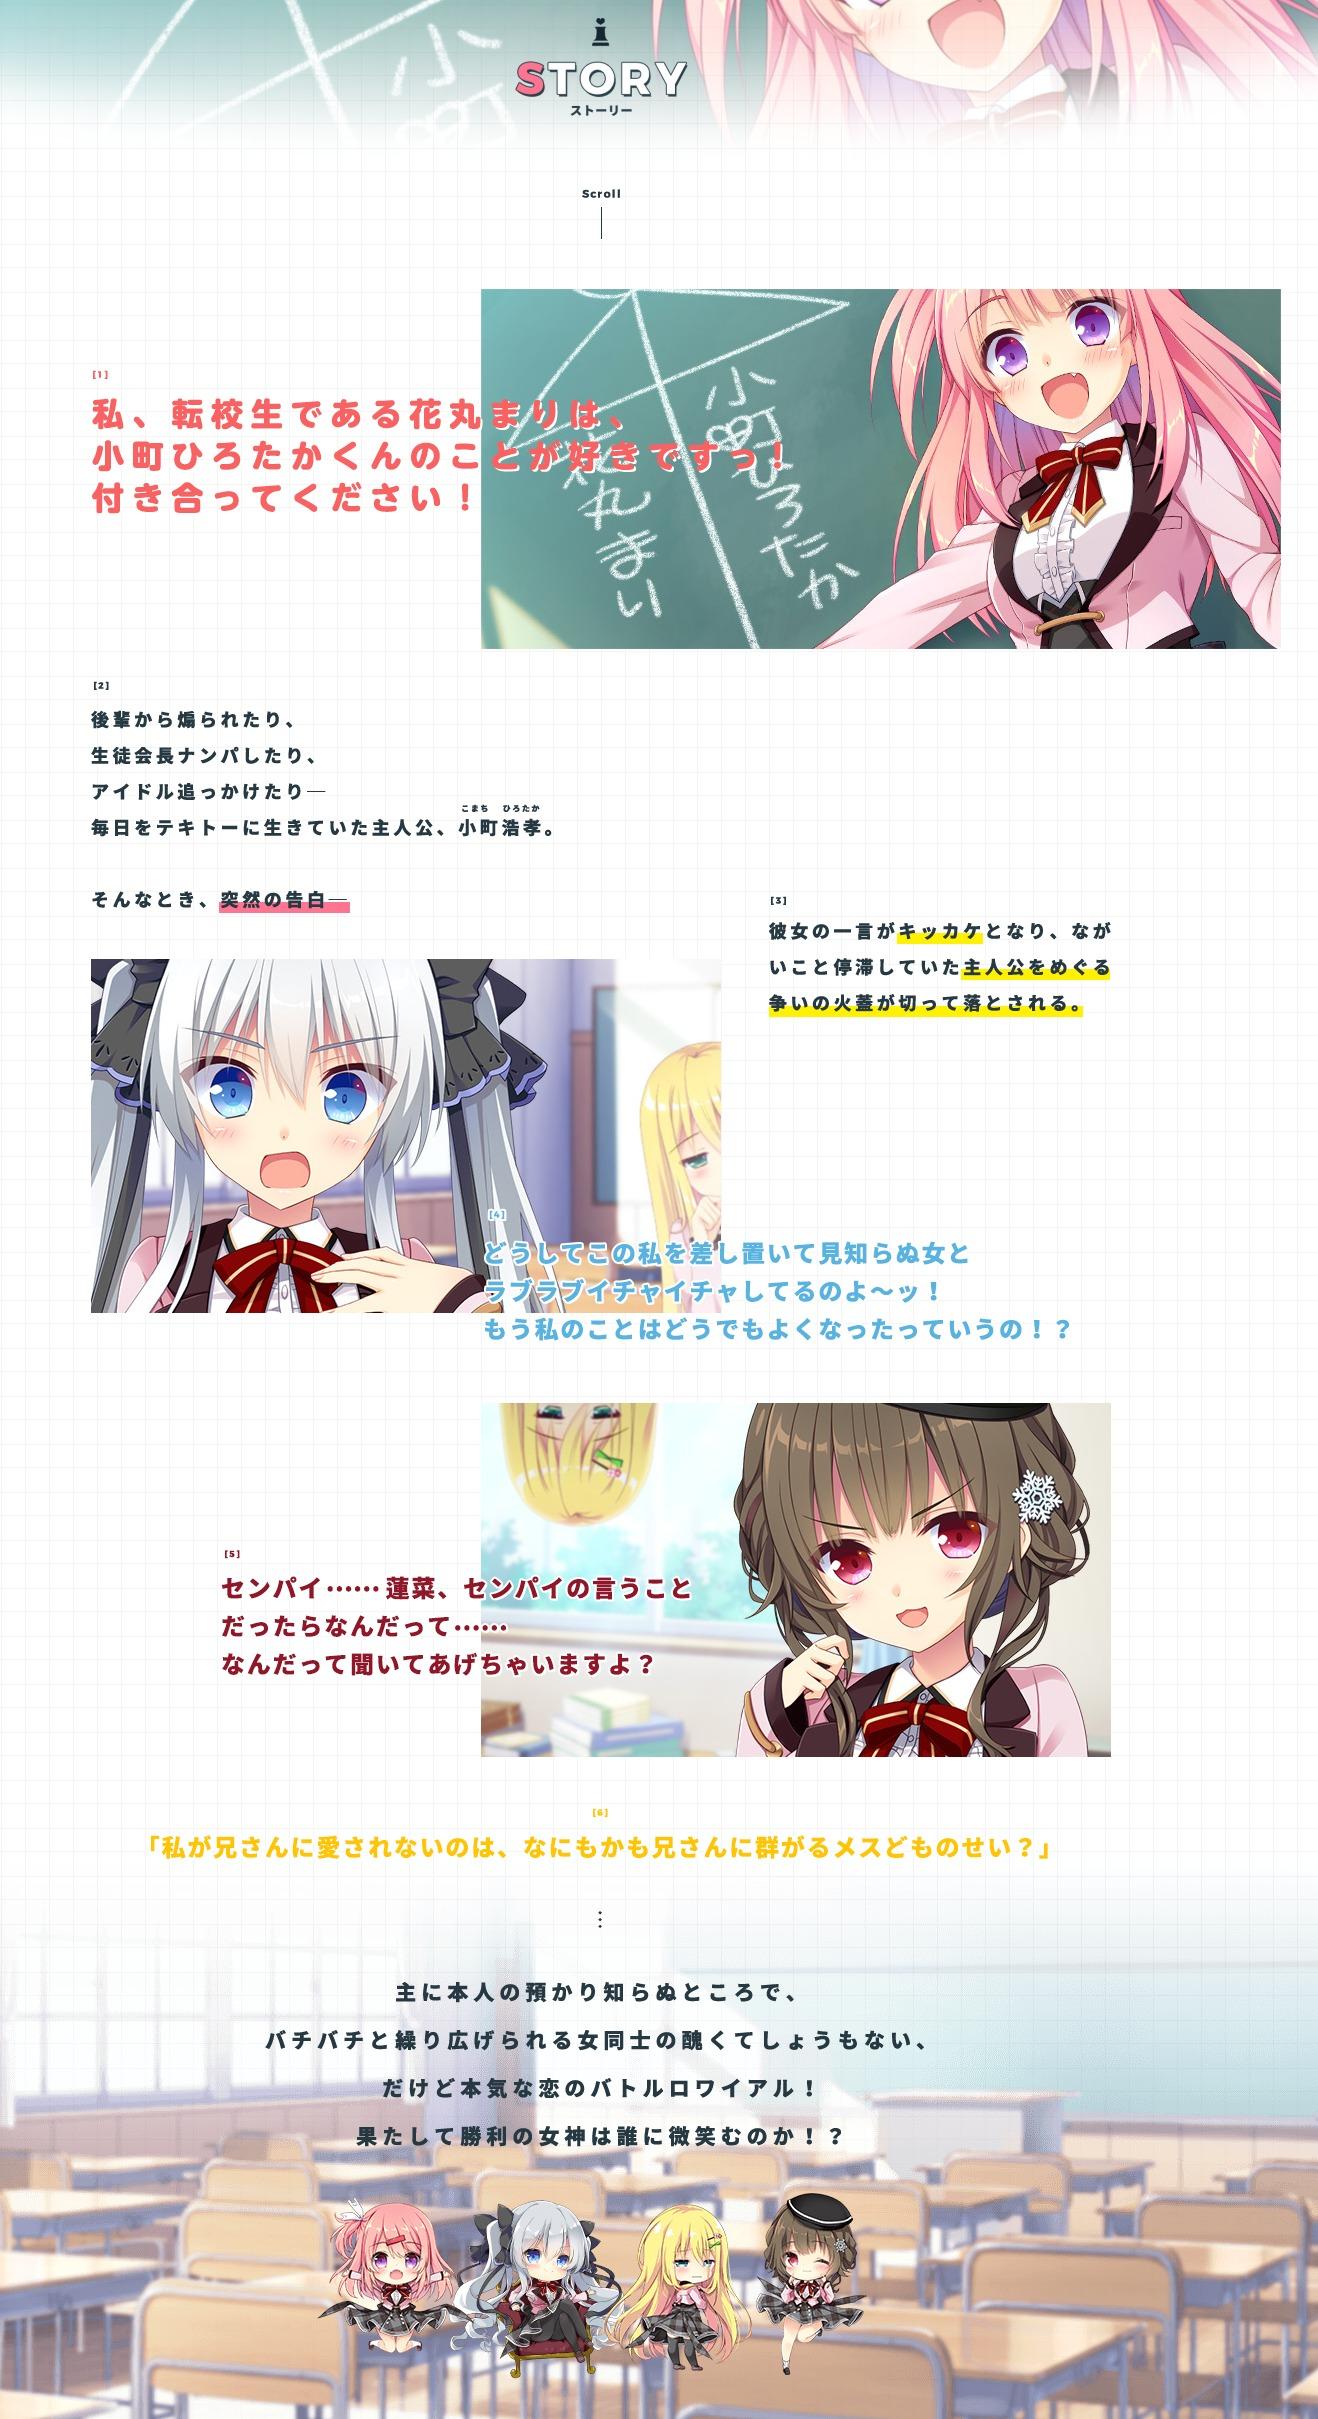 ストーリー_恋愛×ロワイアル_ASa_Project